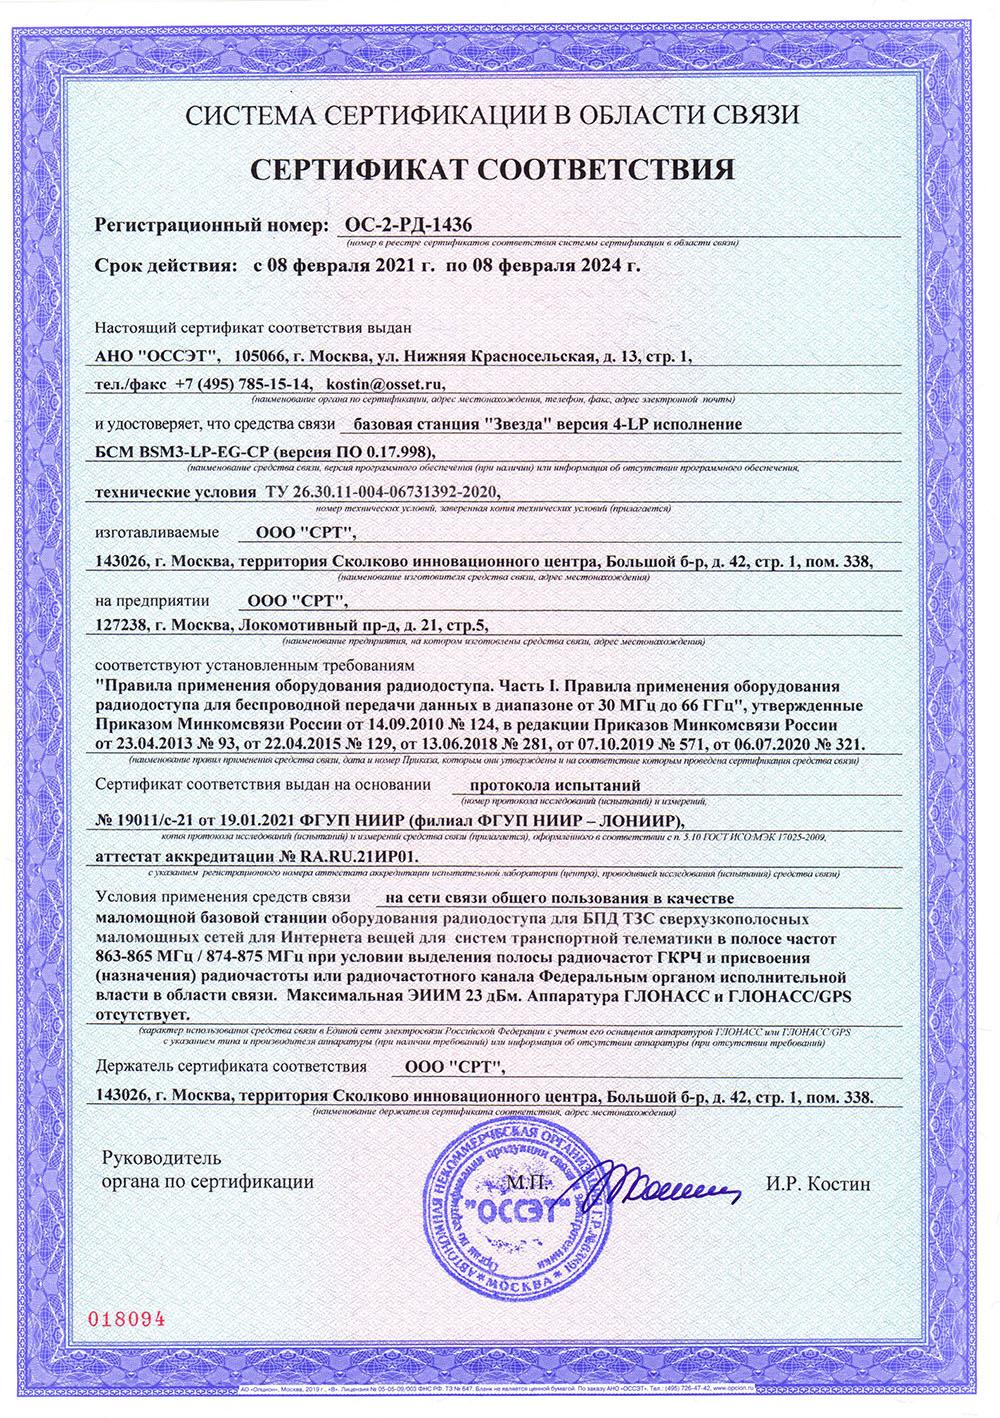 Сертификат соответствия базовой станции